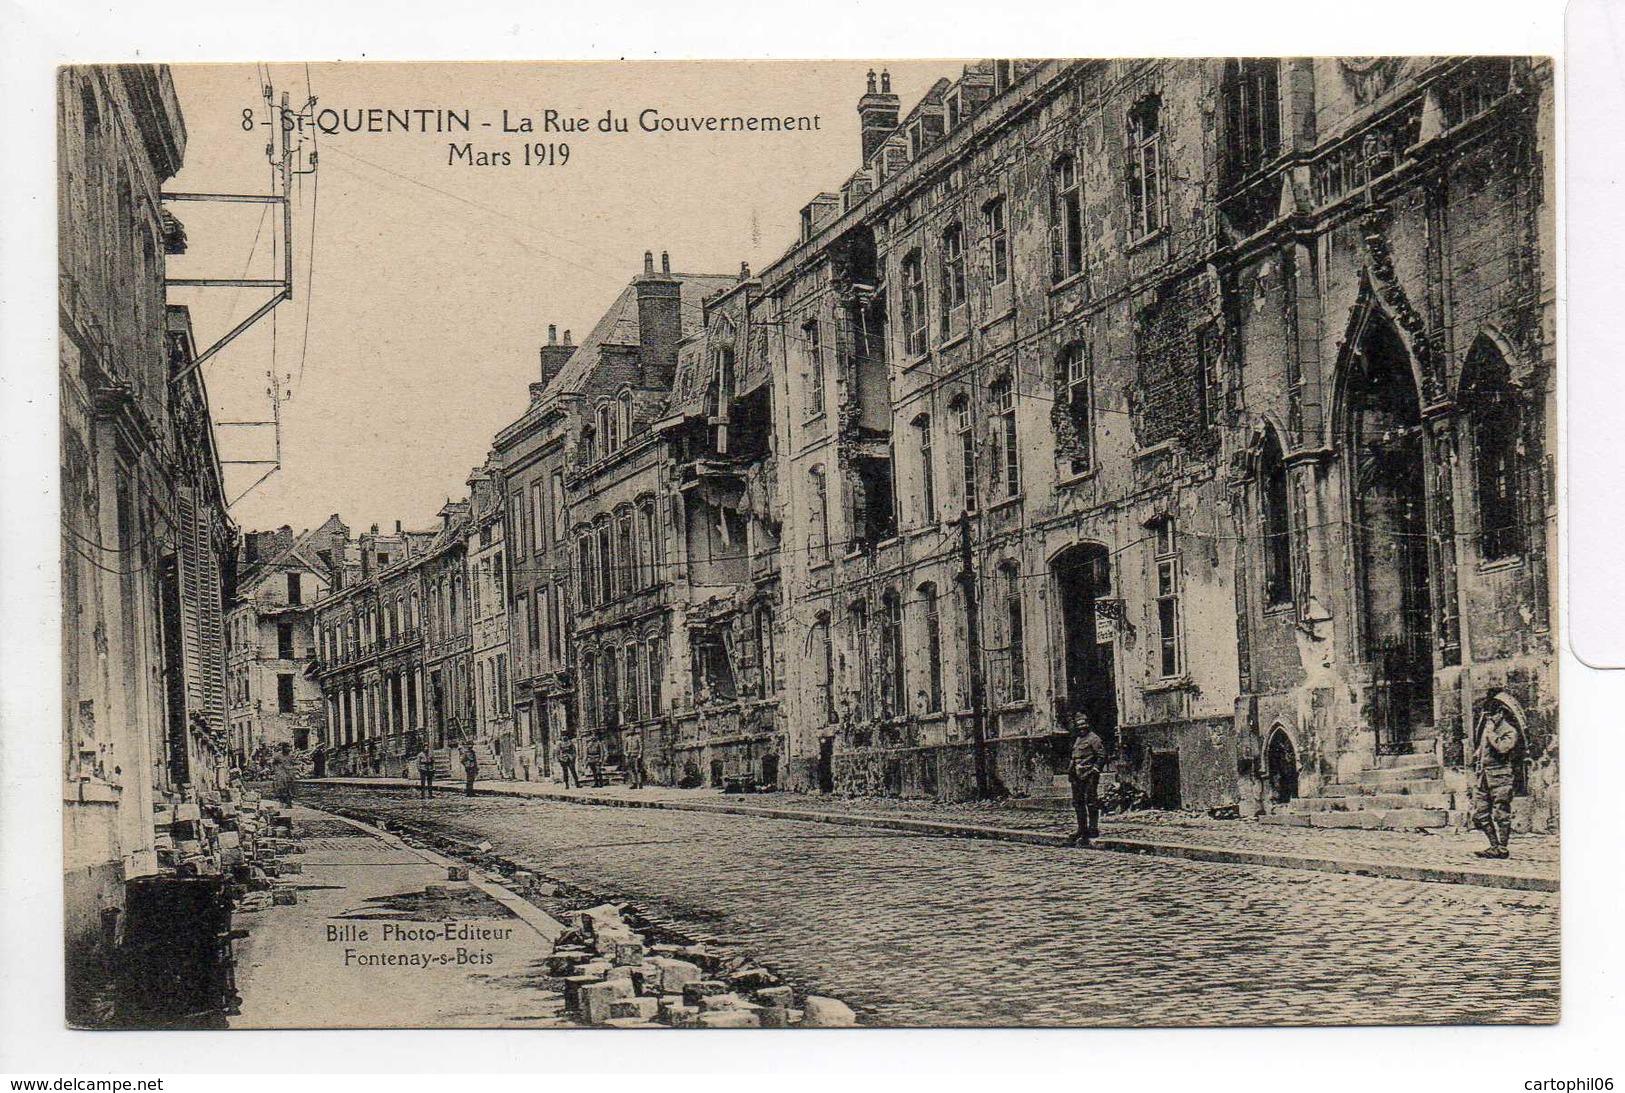 - CPA SAINT-QUENTIN (02) - La Rue Du Gouvernement - Mars 1919 (avec Personnages) - Photo-Edition Bille N° 8 - - Saint Quentin